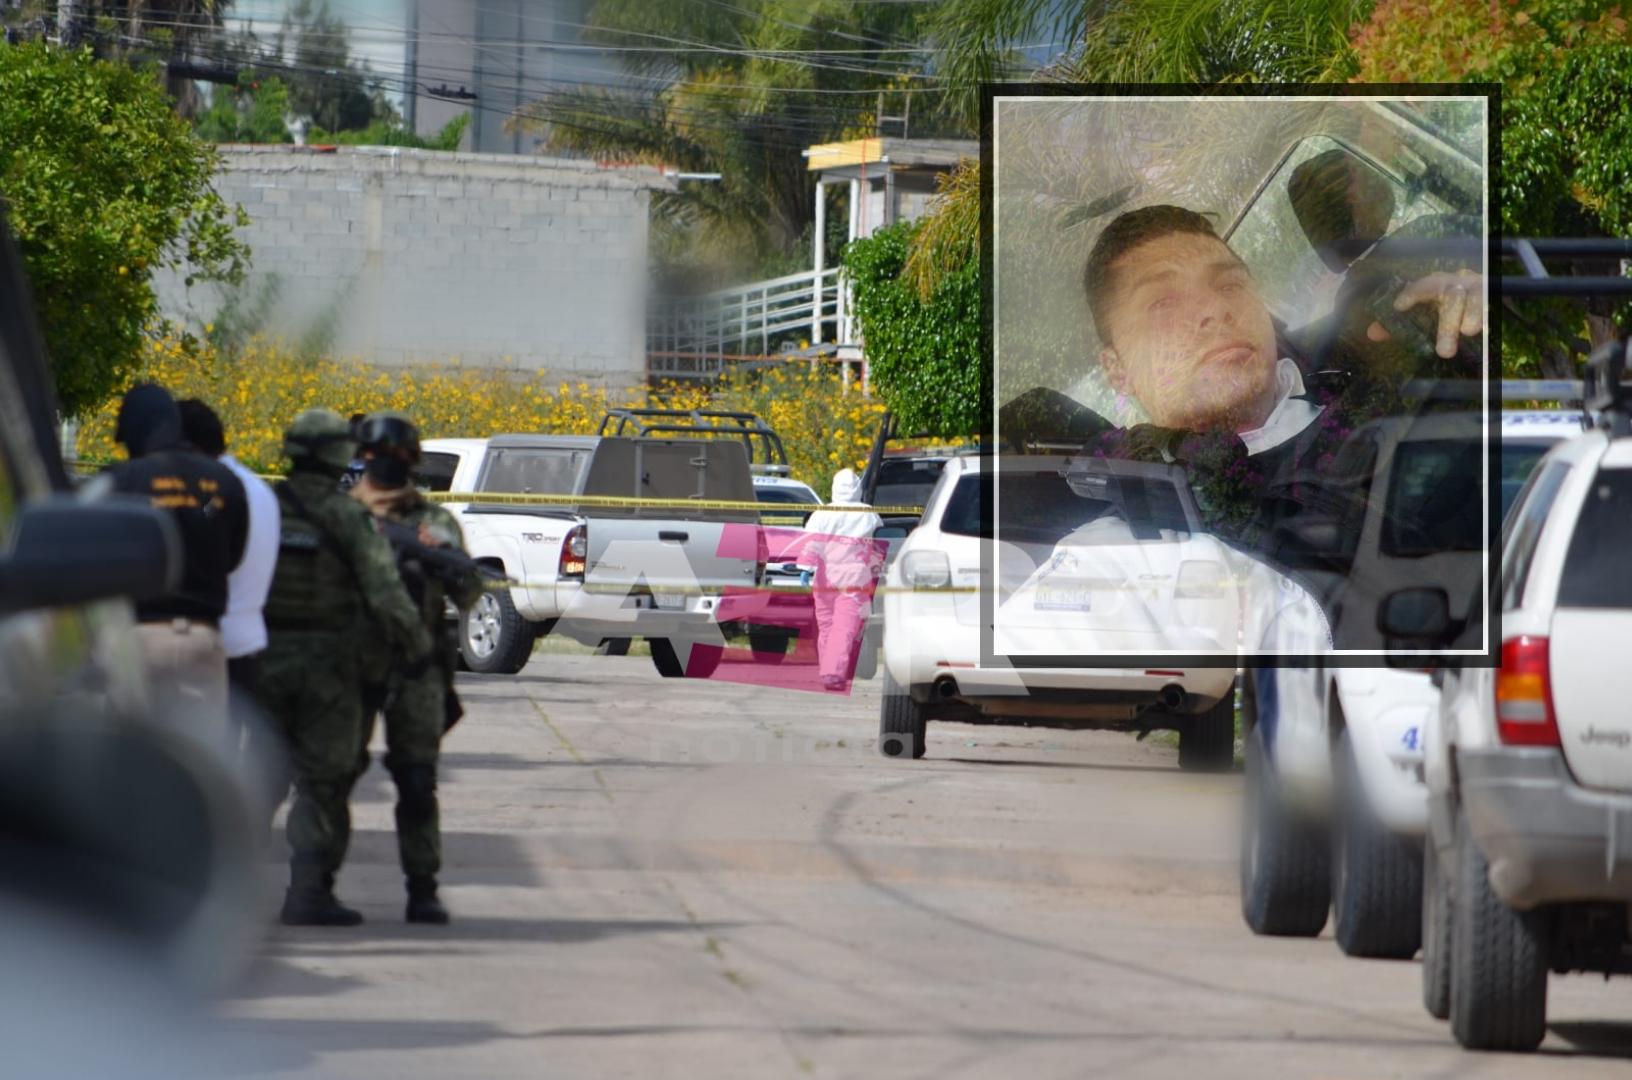 Matan a policía en León mientras custodiaba una casa por mandamiento de la FGEG 1